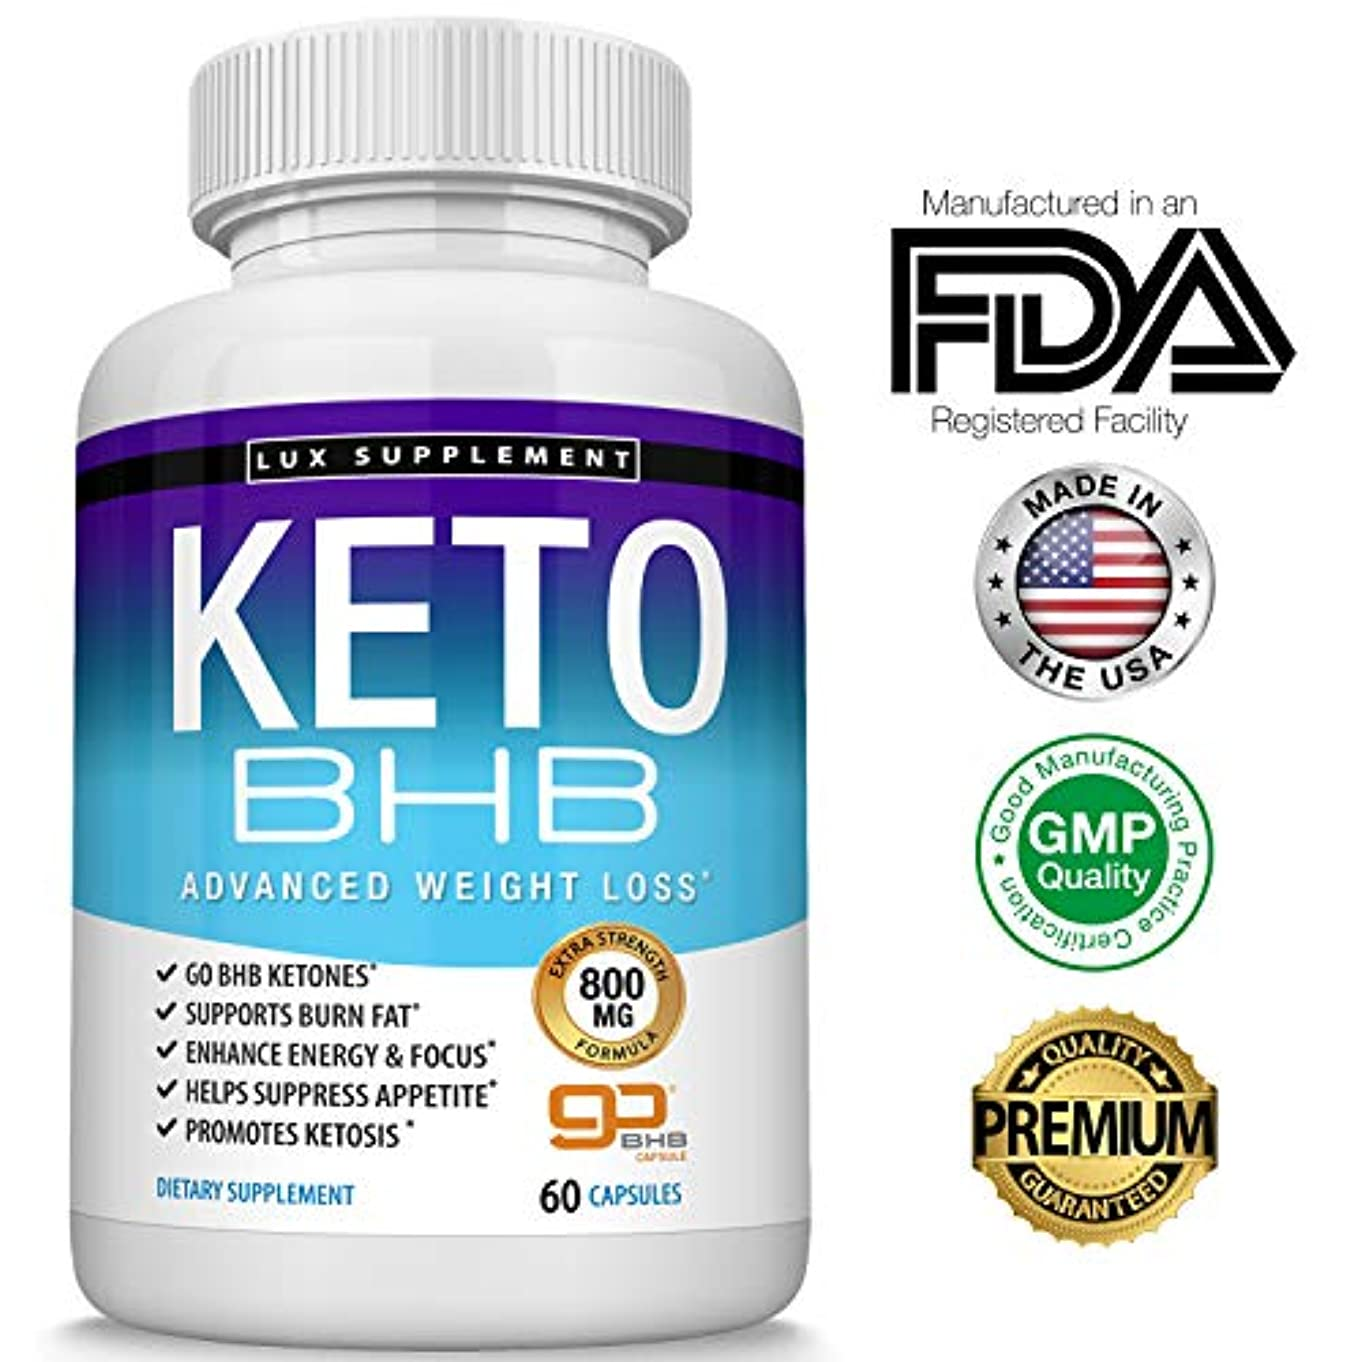 星サイレンナプキンLux Supplement ケト BHB Keto Pills Advanced ケトジェニック ダイエット 燃焼系 サプリ 60粒 [海外直送品]